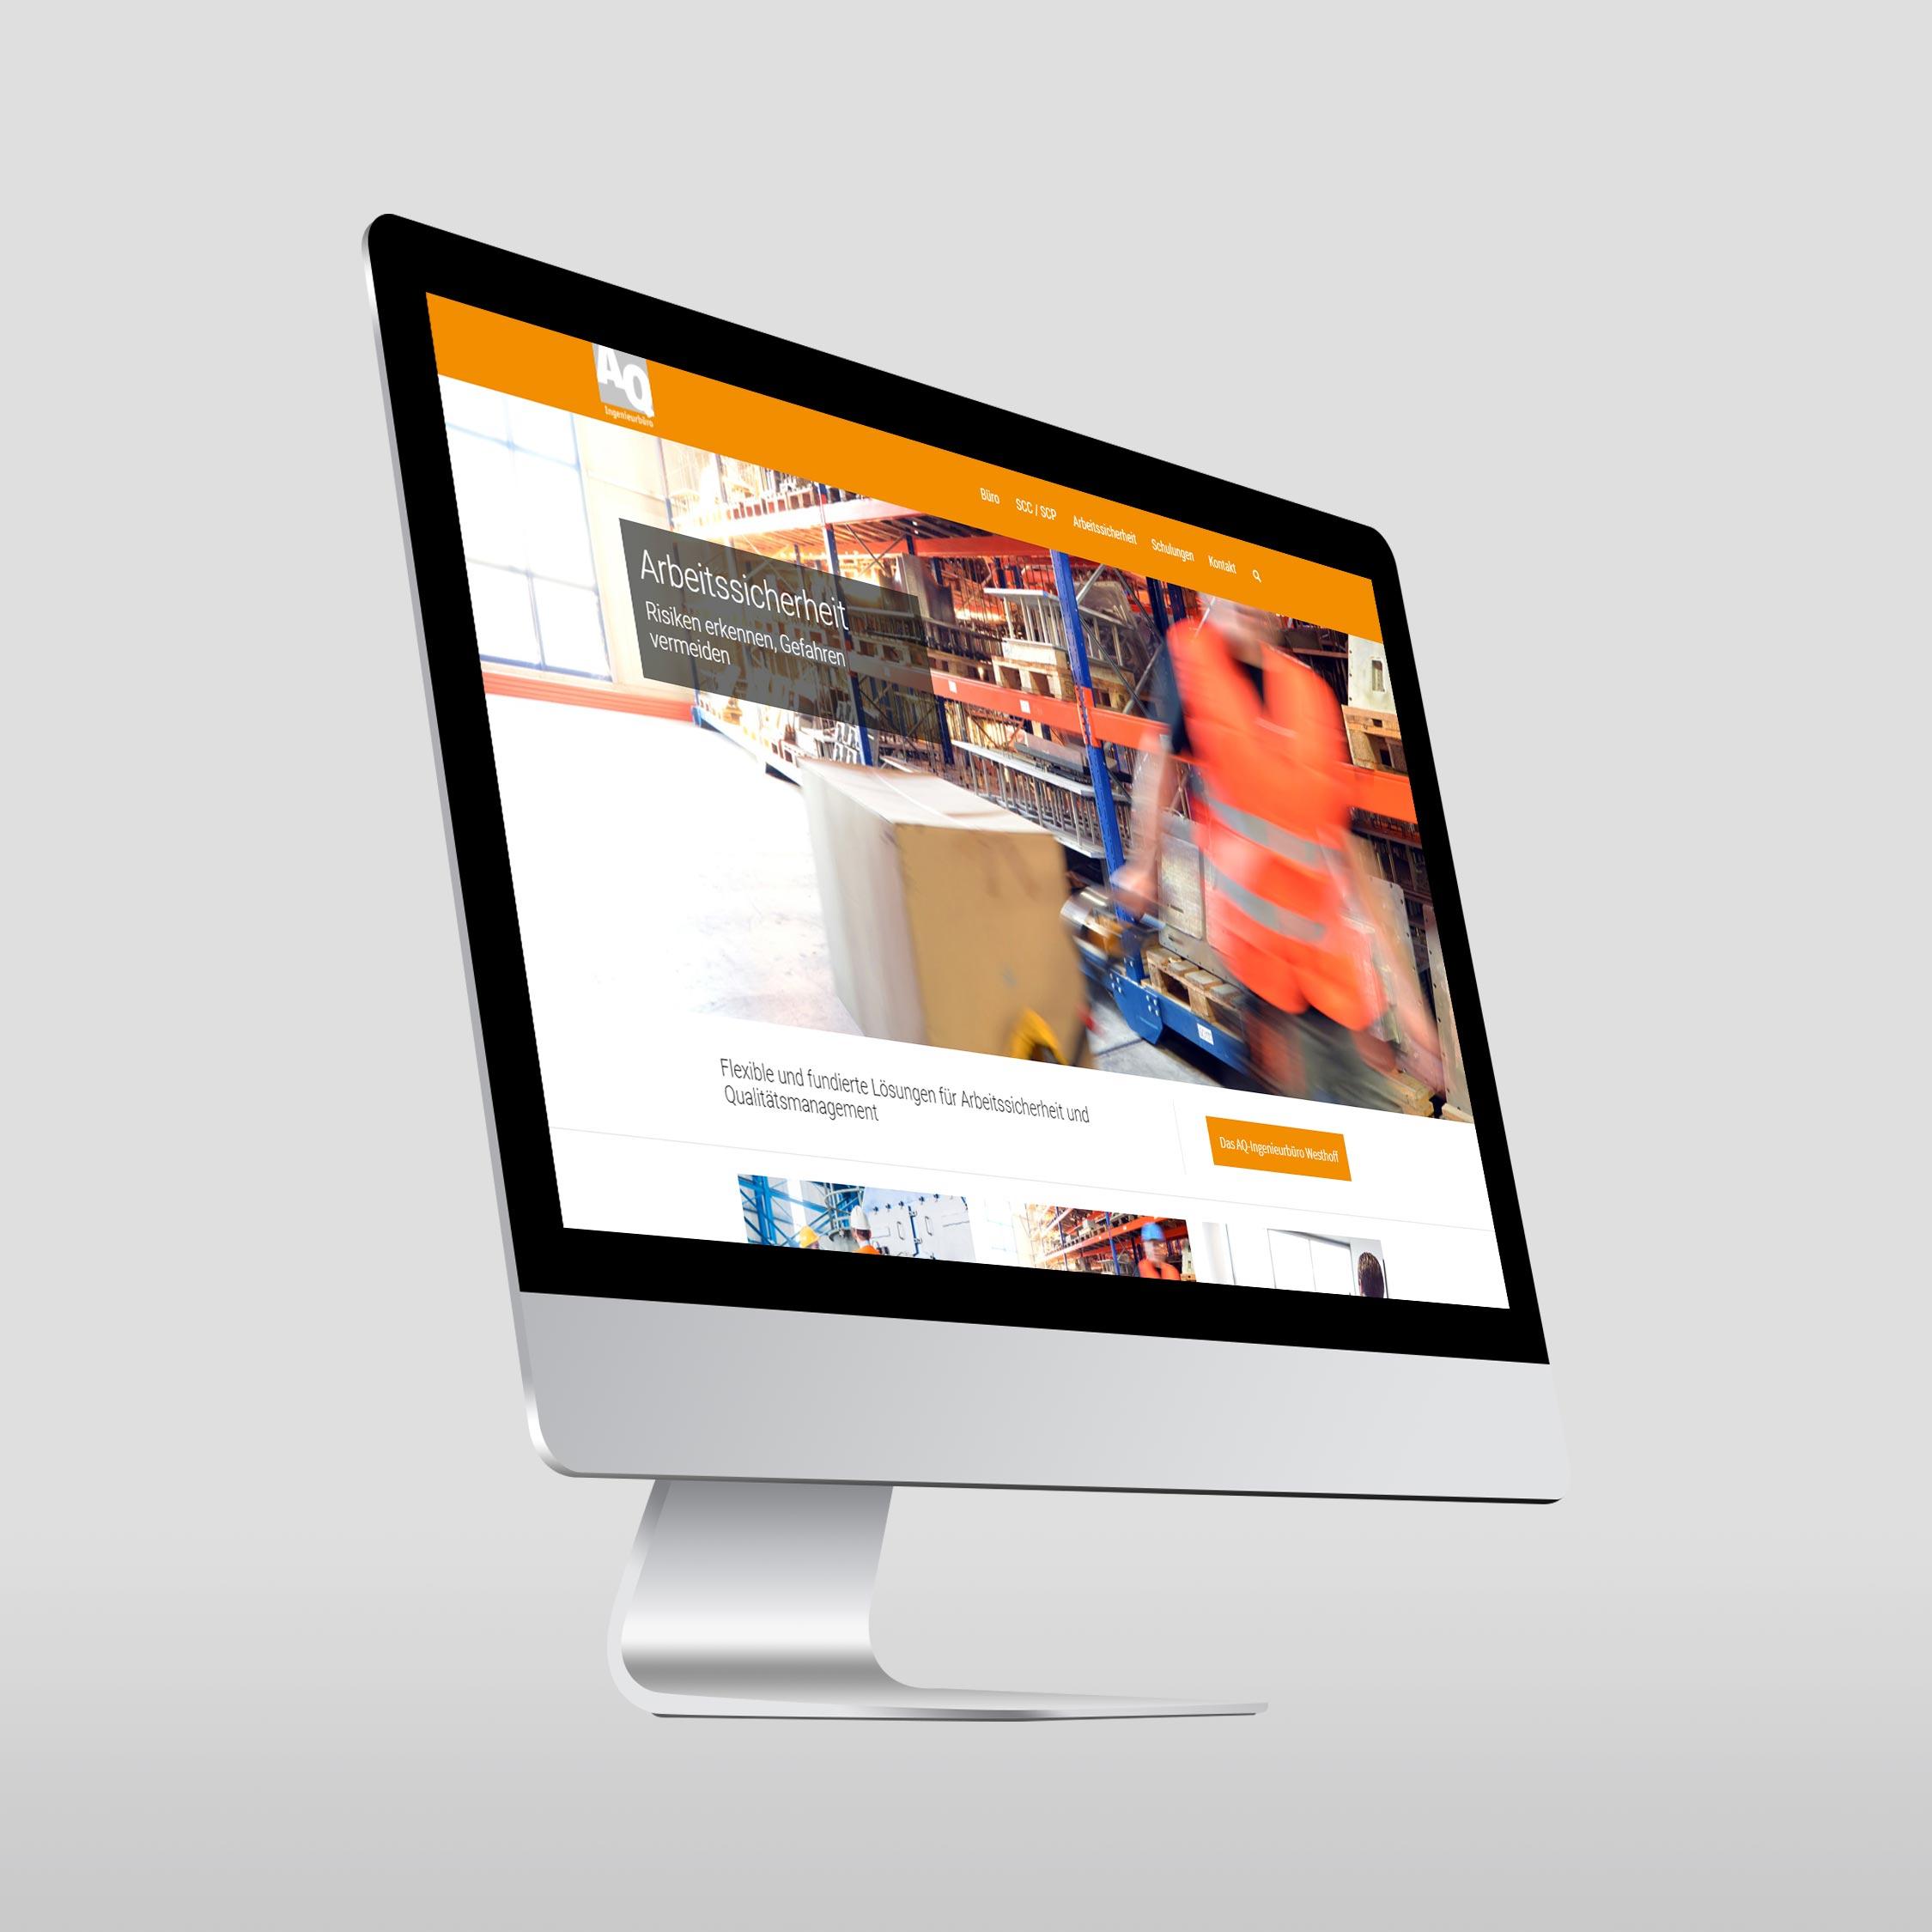 Referenz Erstellung WordPress Webseite AQ-Ingenieurbüro Westhoff, Sundern